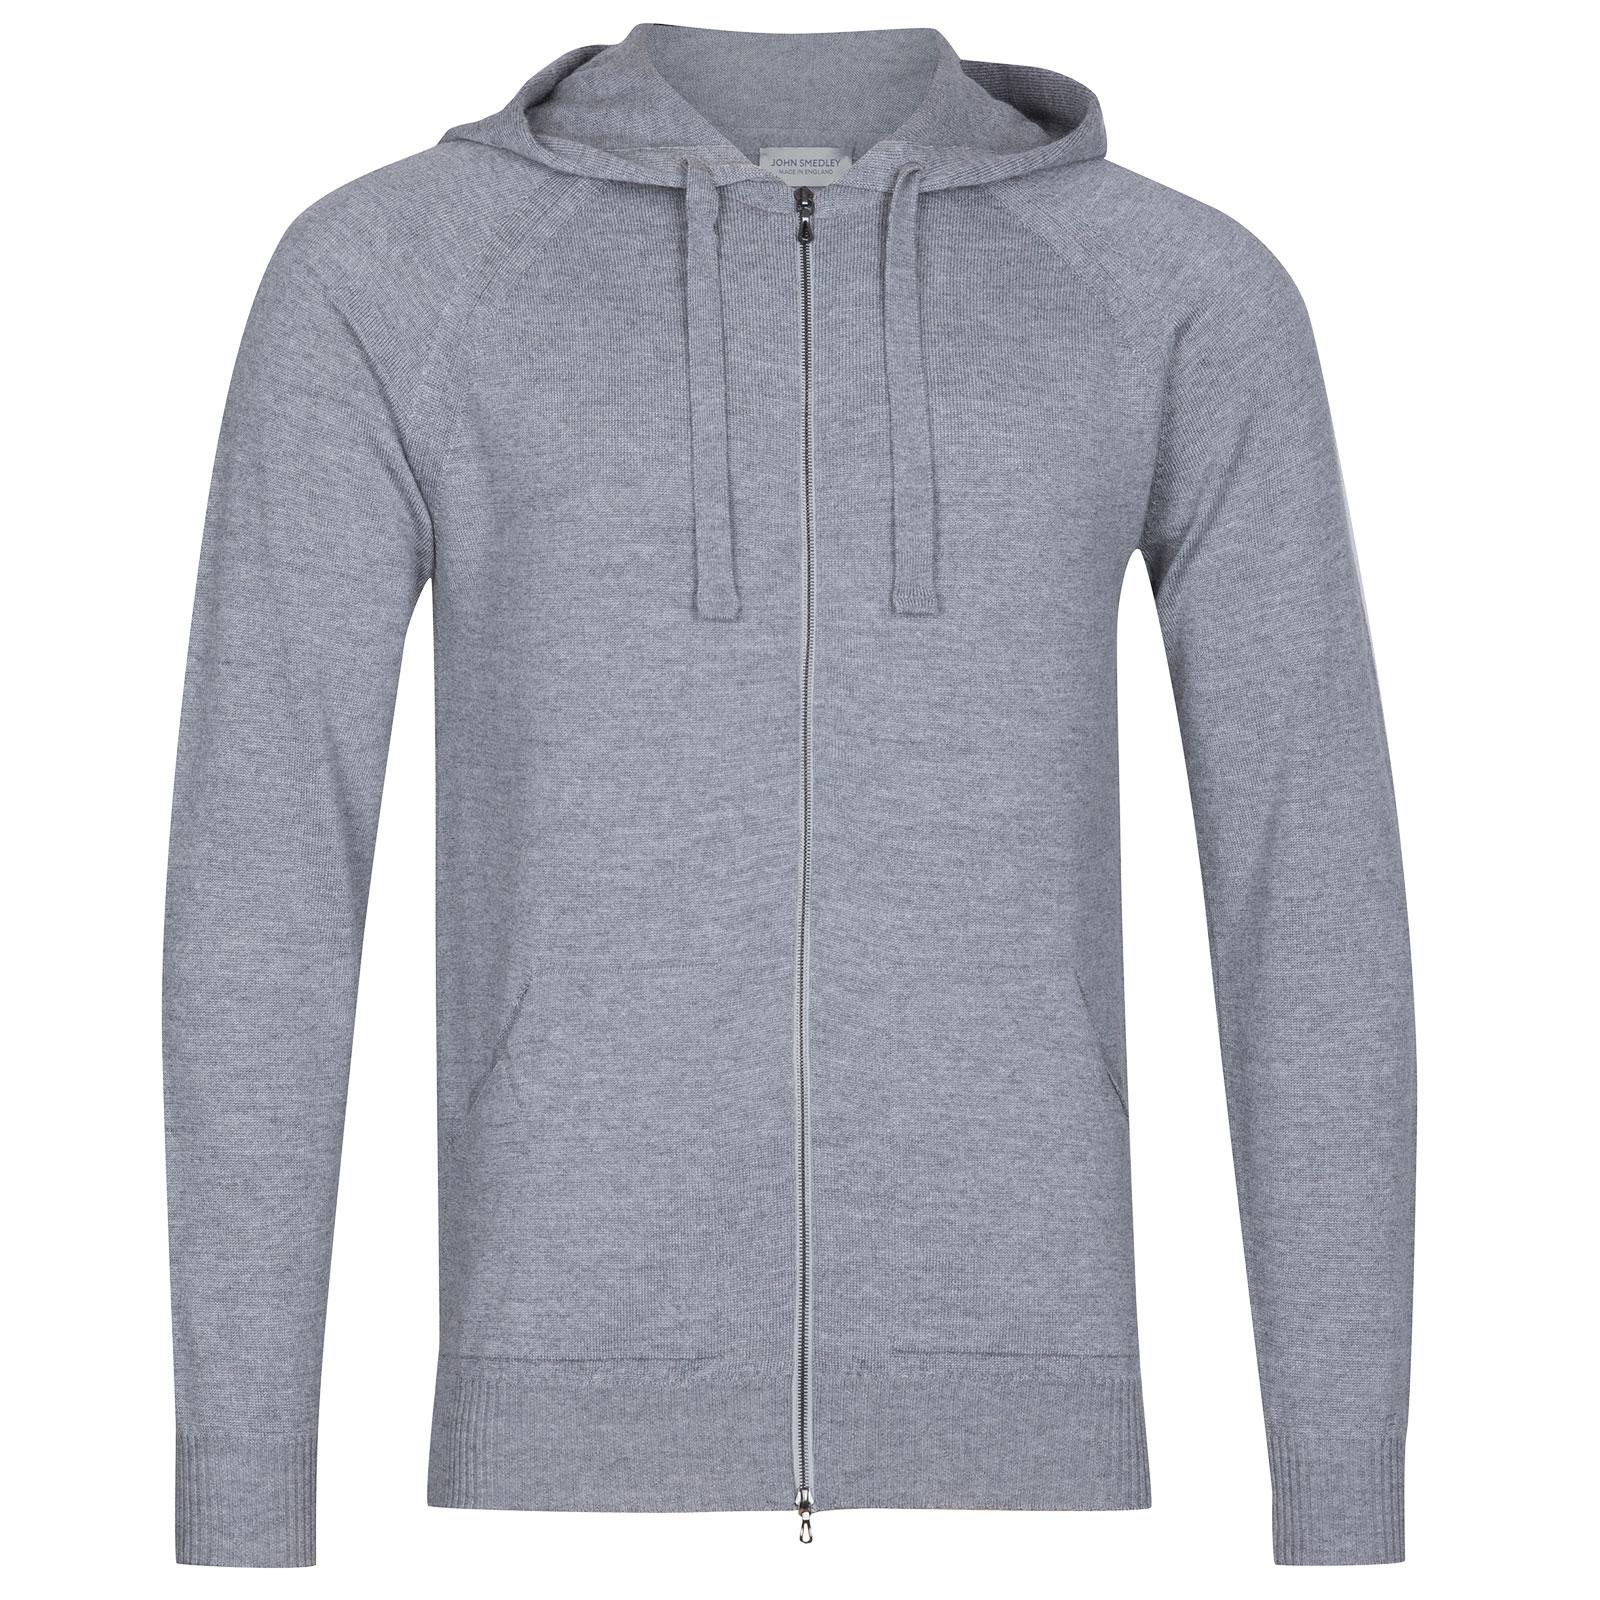 John Smedley Reservoir Merino Wool Jacket in Silver-XL